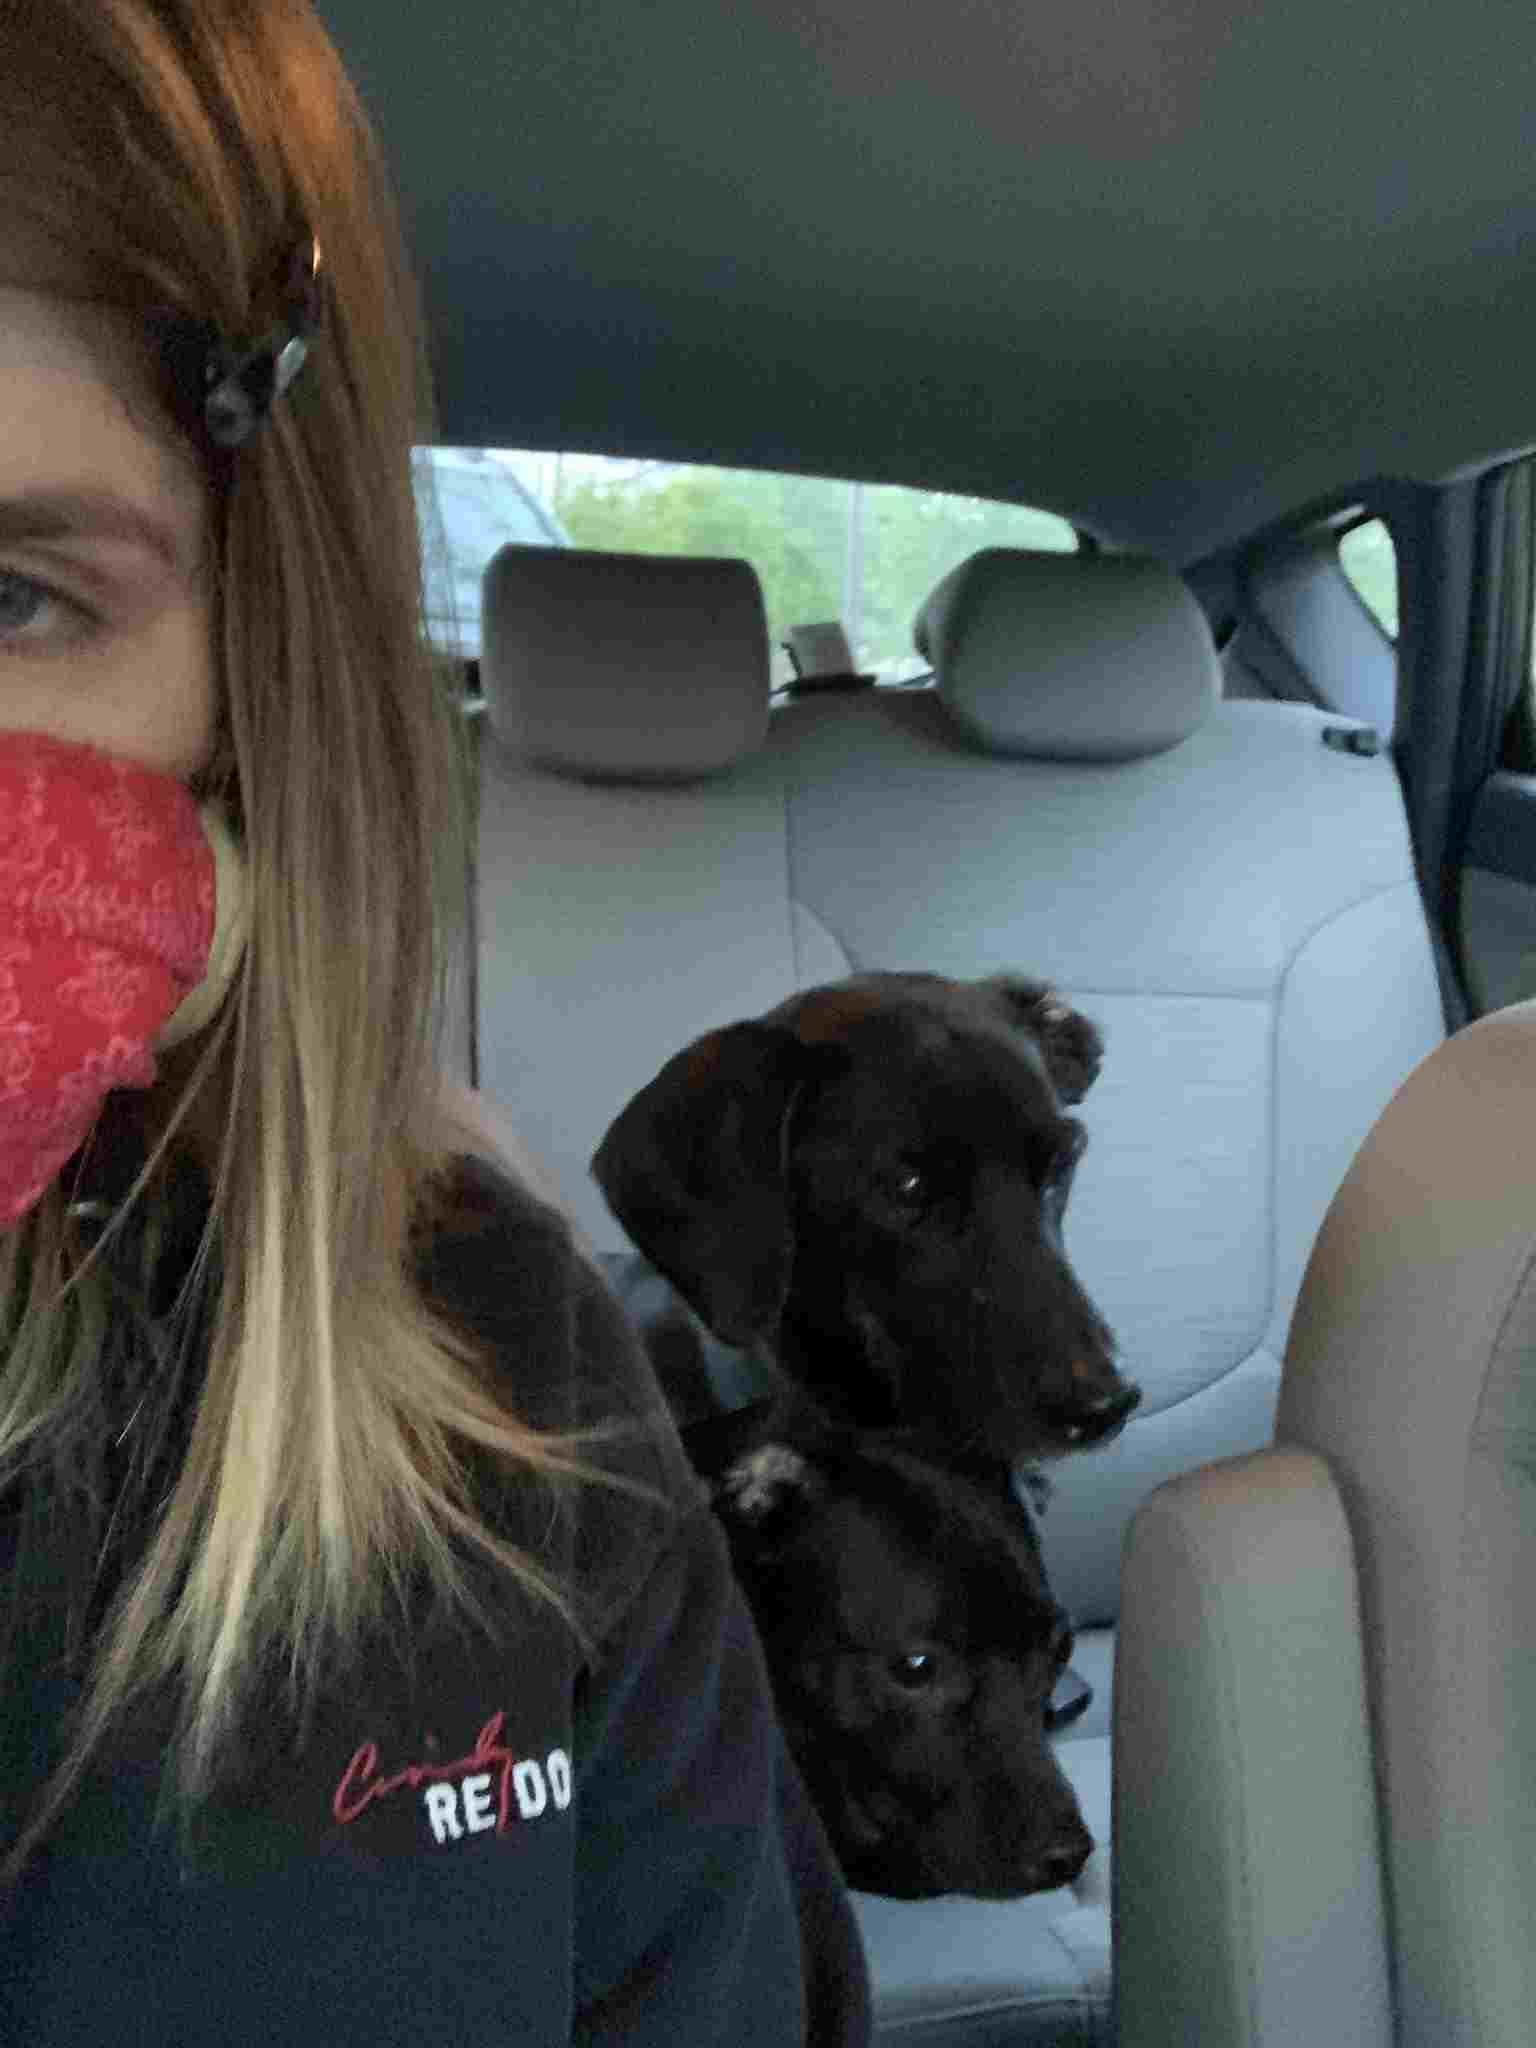 Девушка создала другу аккаунт в FB, а его забанили. Админам нужны водительские права парня, но (упс) он - пёс